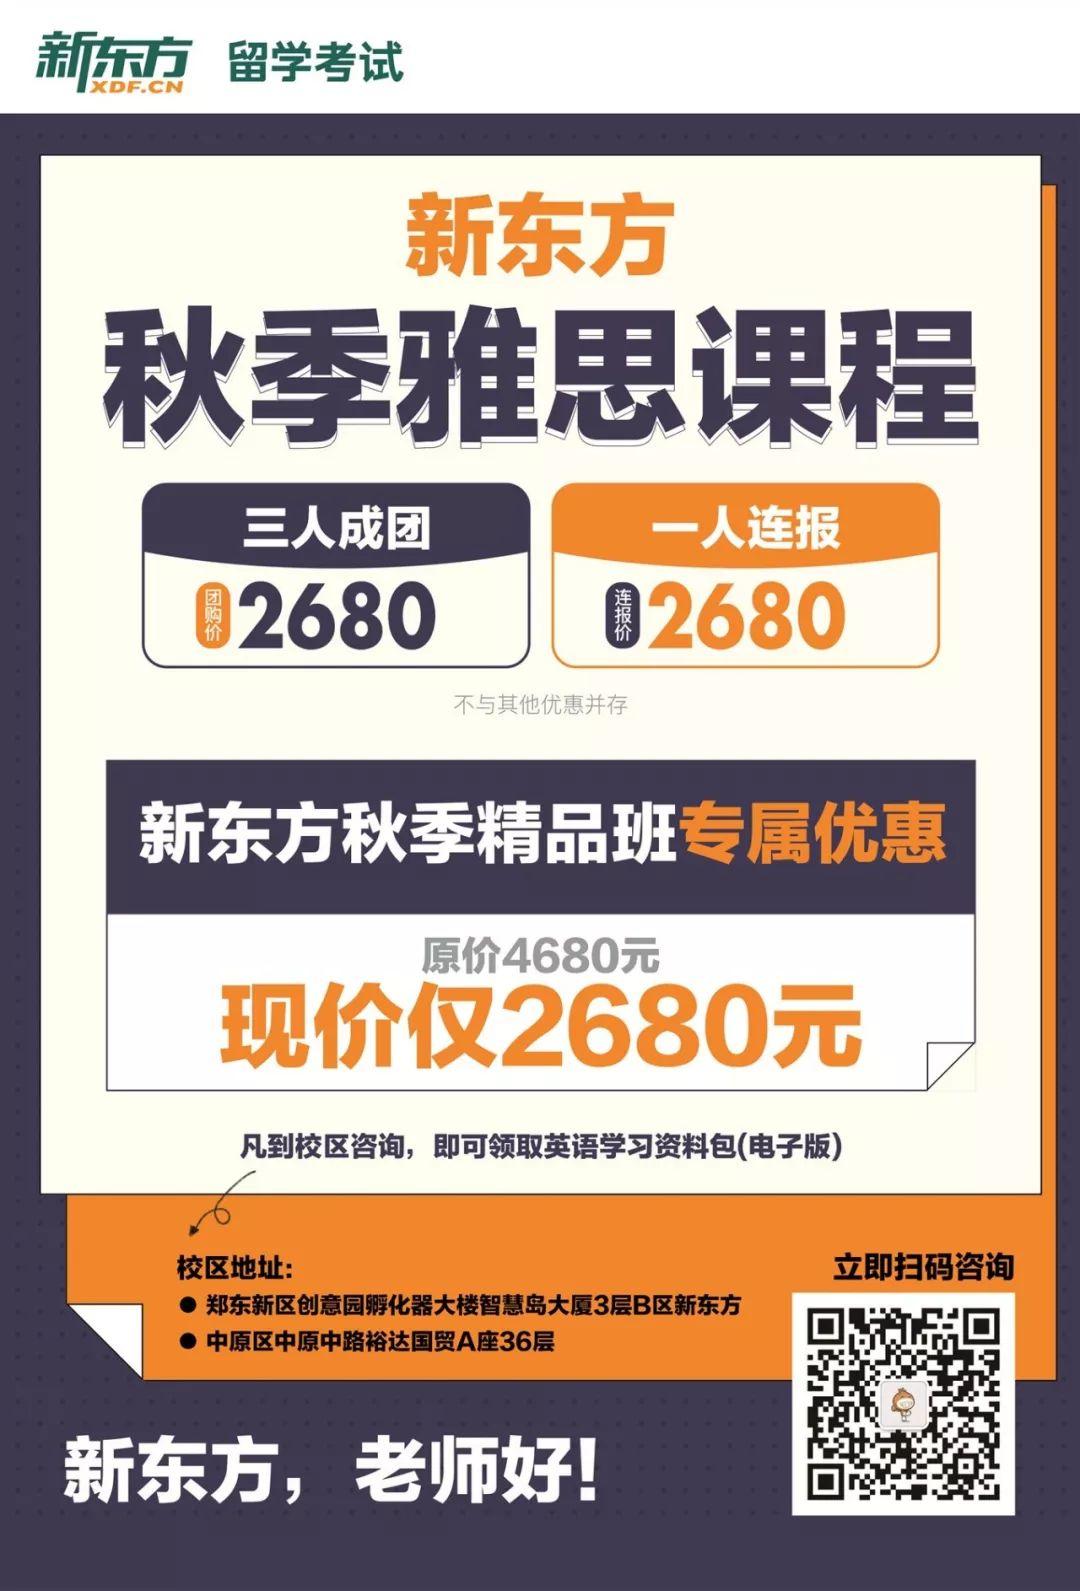 郑州新东方雅思培训